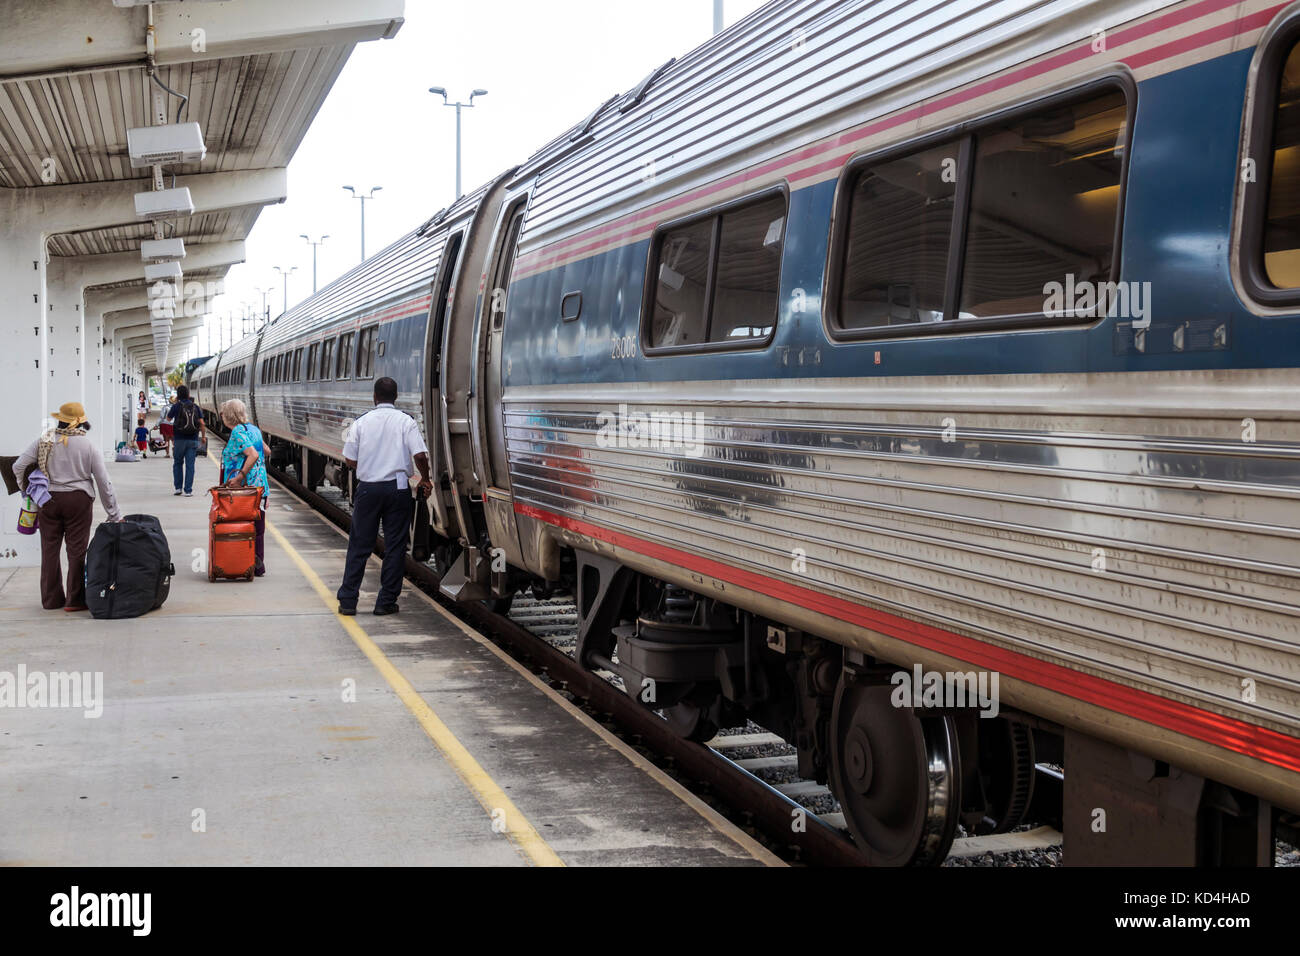 Miami Florida ferrovia stazione di treno Amtrak a smettere di arrivo dello sbarco di passeggeri membri dell equipaggio Immagini Stock